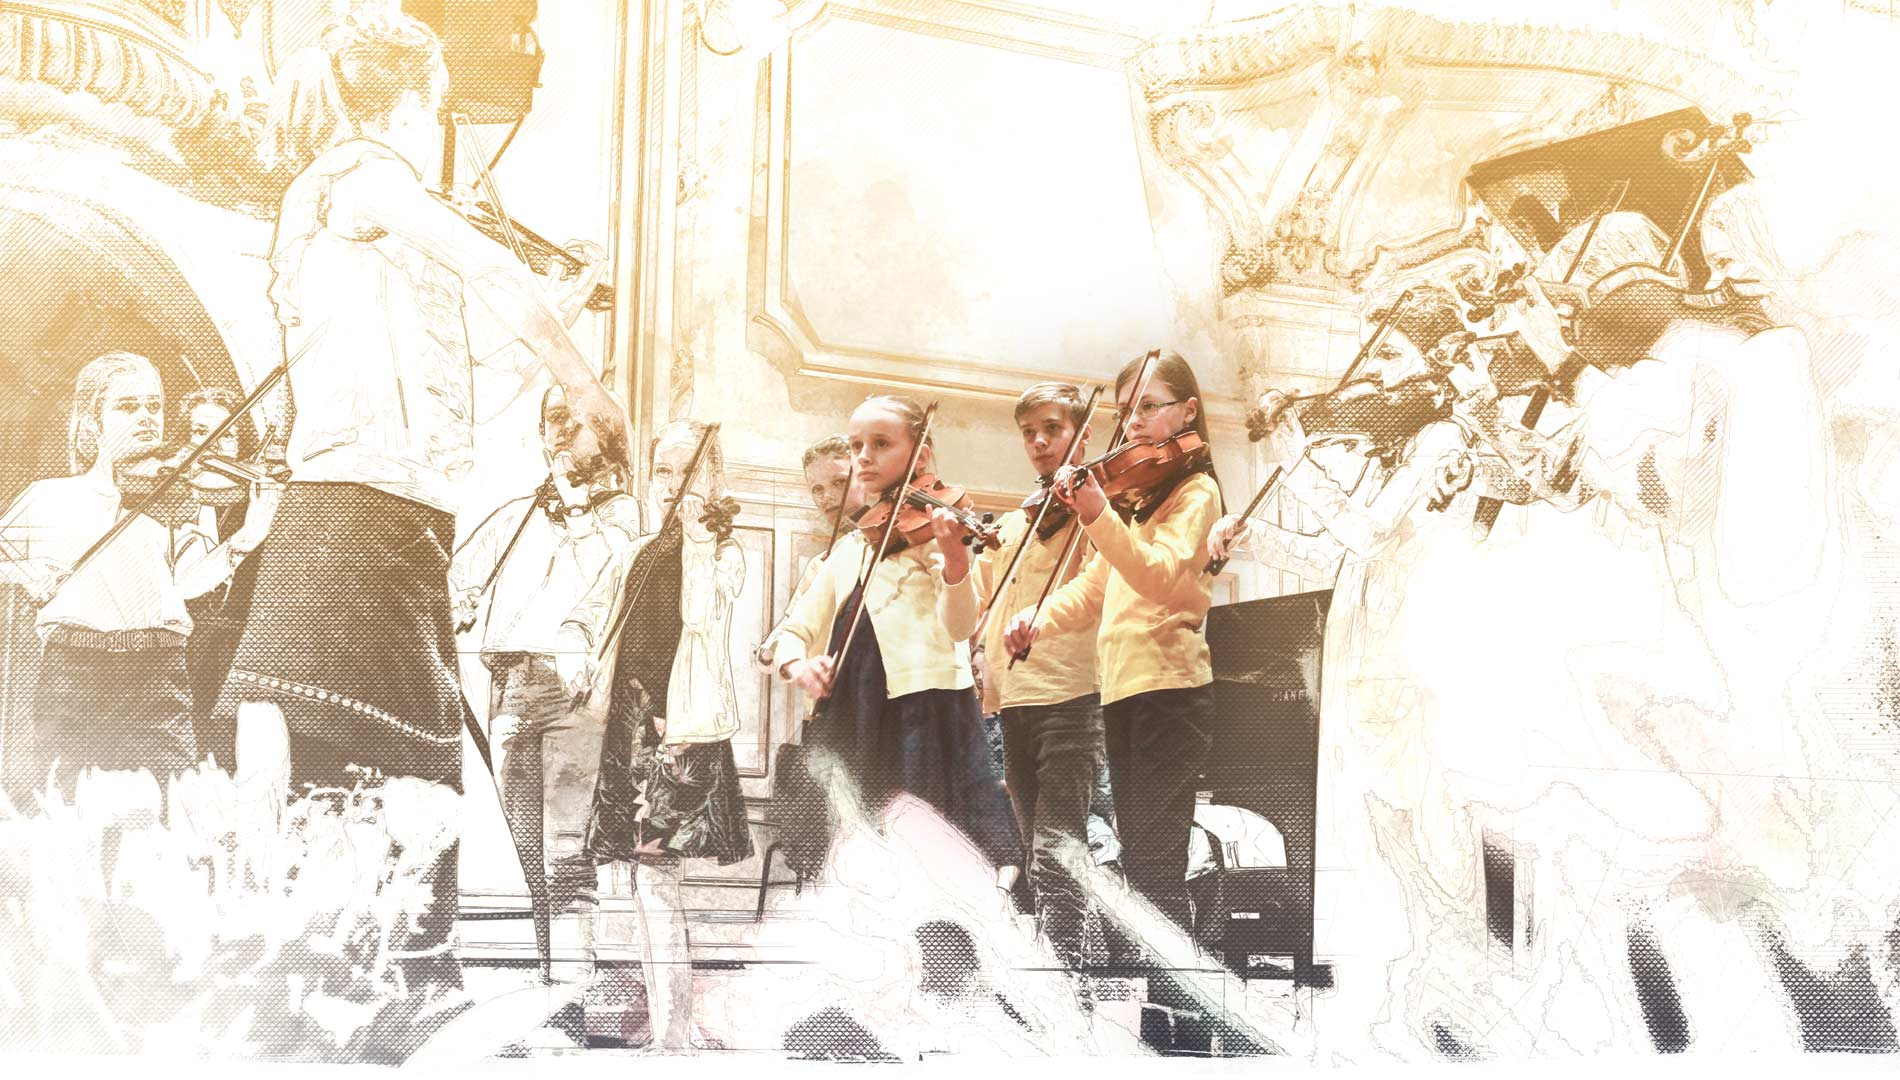 Hamburger-Instrumental-Wettbewerb-Konzert-der-Kinder_Slideshow_3_neu